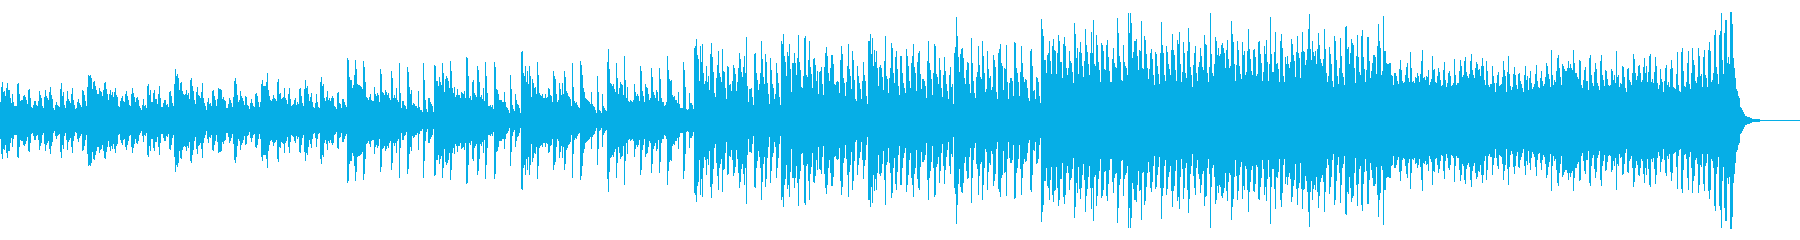 シリアスなゲームミュージック/鐘の再生済みの波形